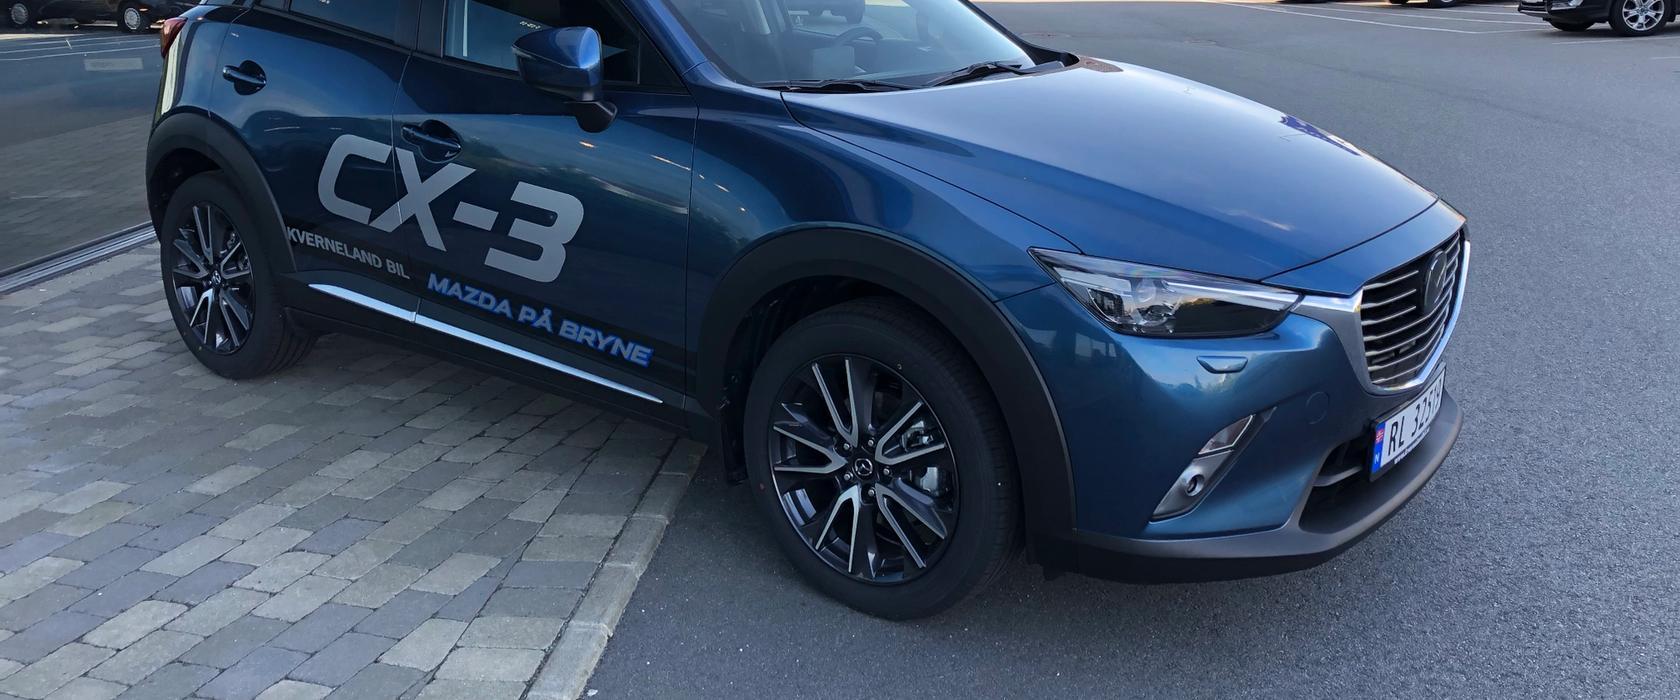 Nybilavdelingen på Mazda Bryne